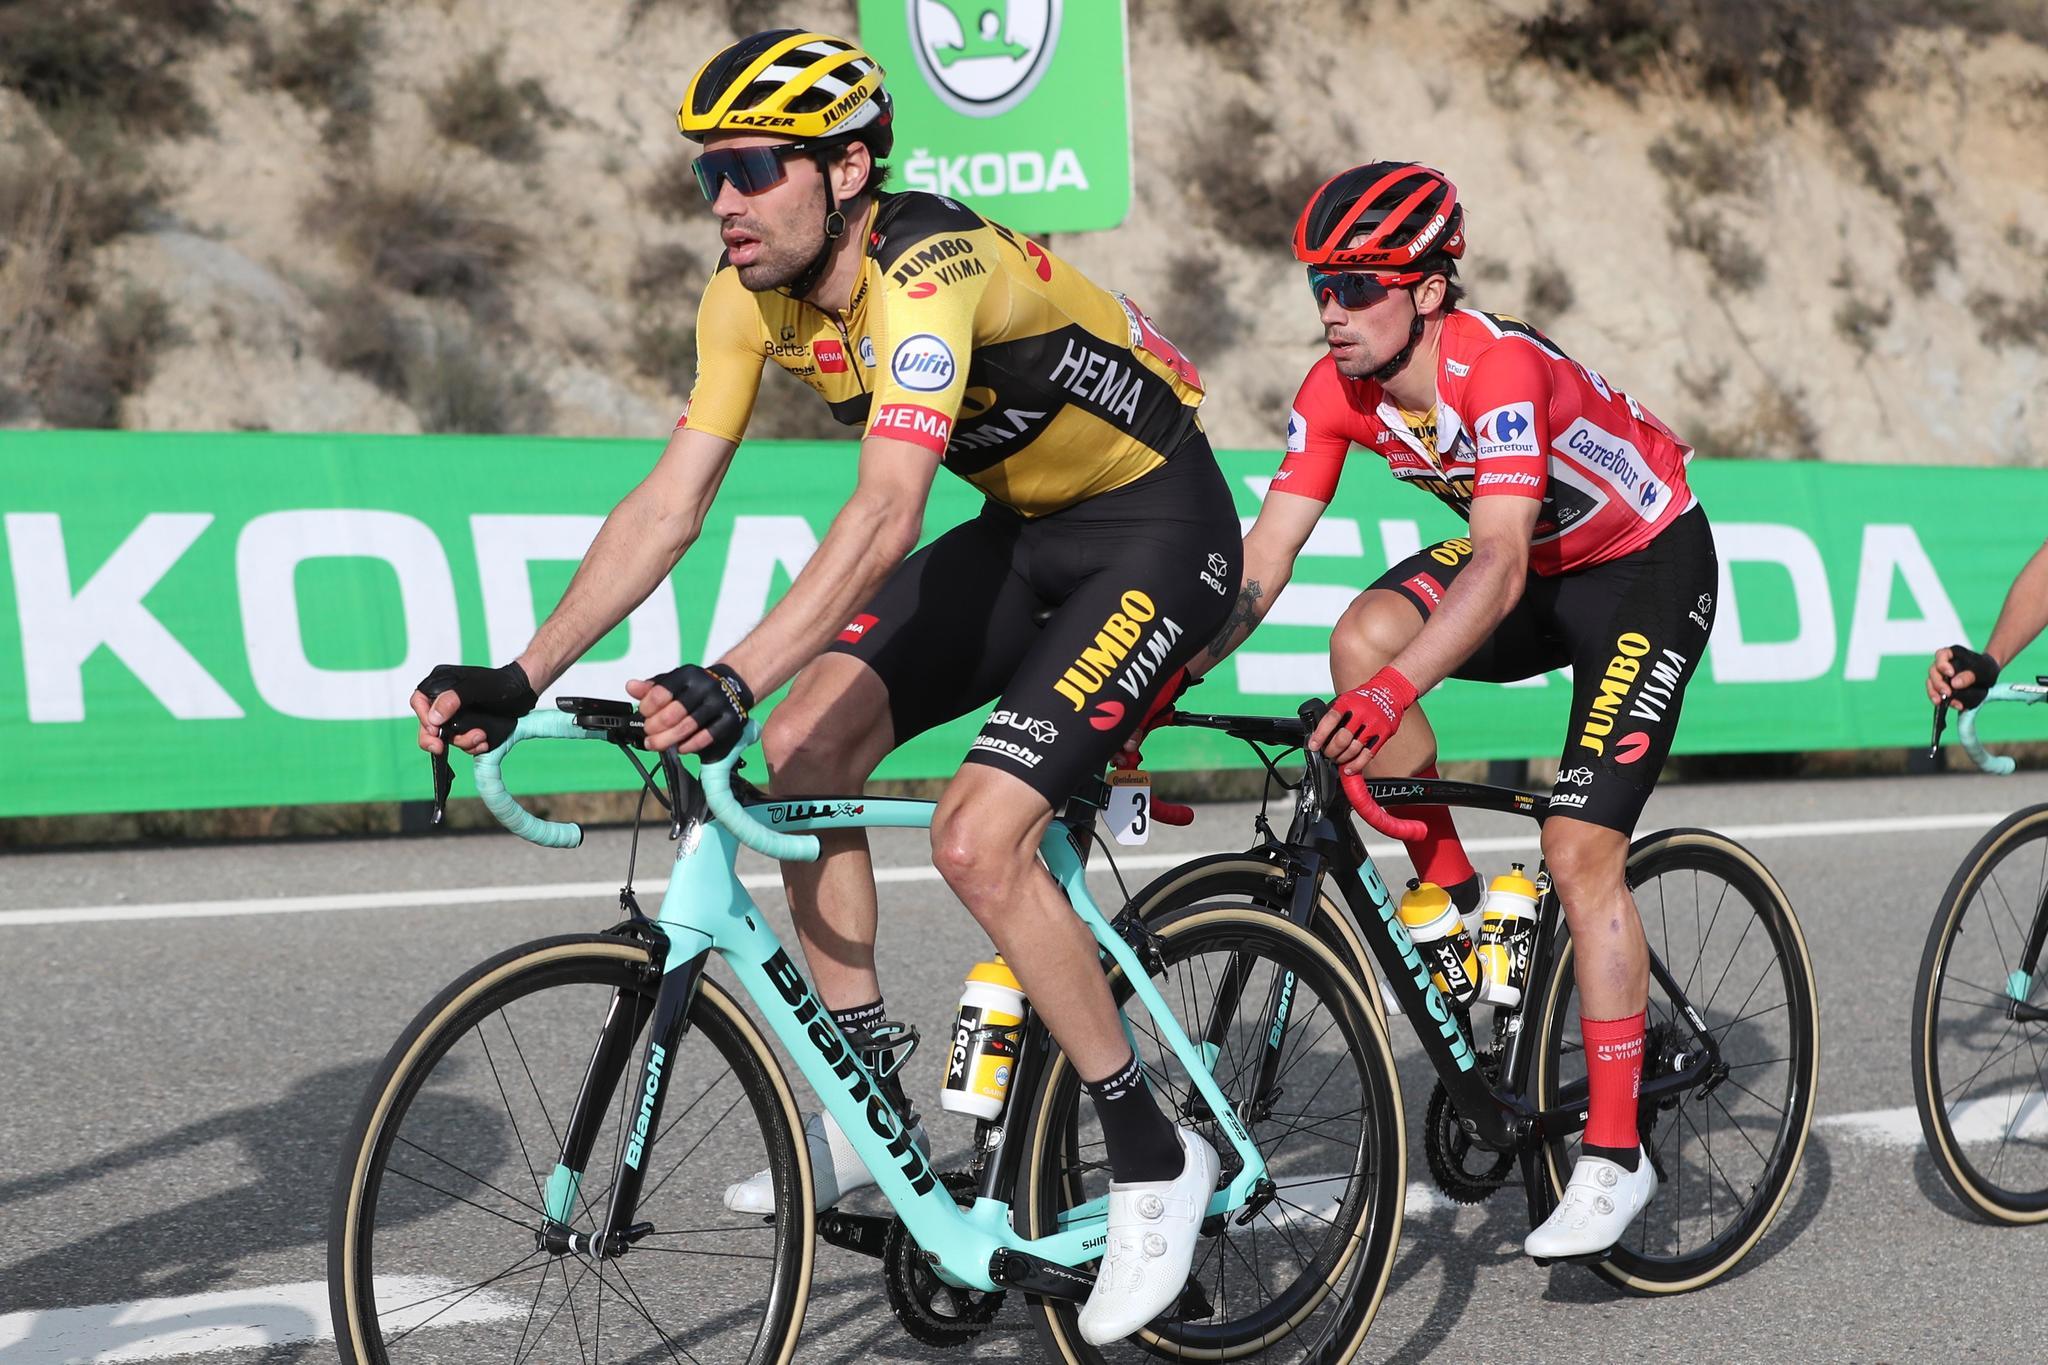 GRAF7135. SABIÑÁNIGO (HUESCA), 24/10/2020.- El ciclista esloveno Primoz Roglic (d) y el holandés Tom lt;HIT gt;Dumoulin lt;/HIT gt; durante la quinta etapa de la Vuelta Ciclista a España disputada entre Huesca y Sabiñánigo, con un recorrido de 184,4 kilómetros. EFE/Kiko Huesca